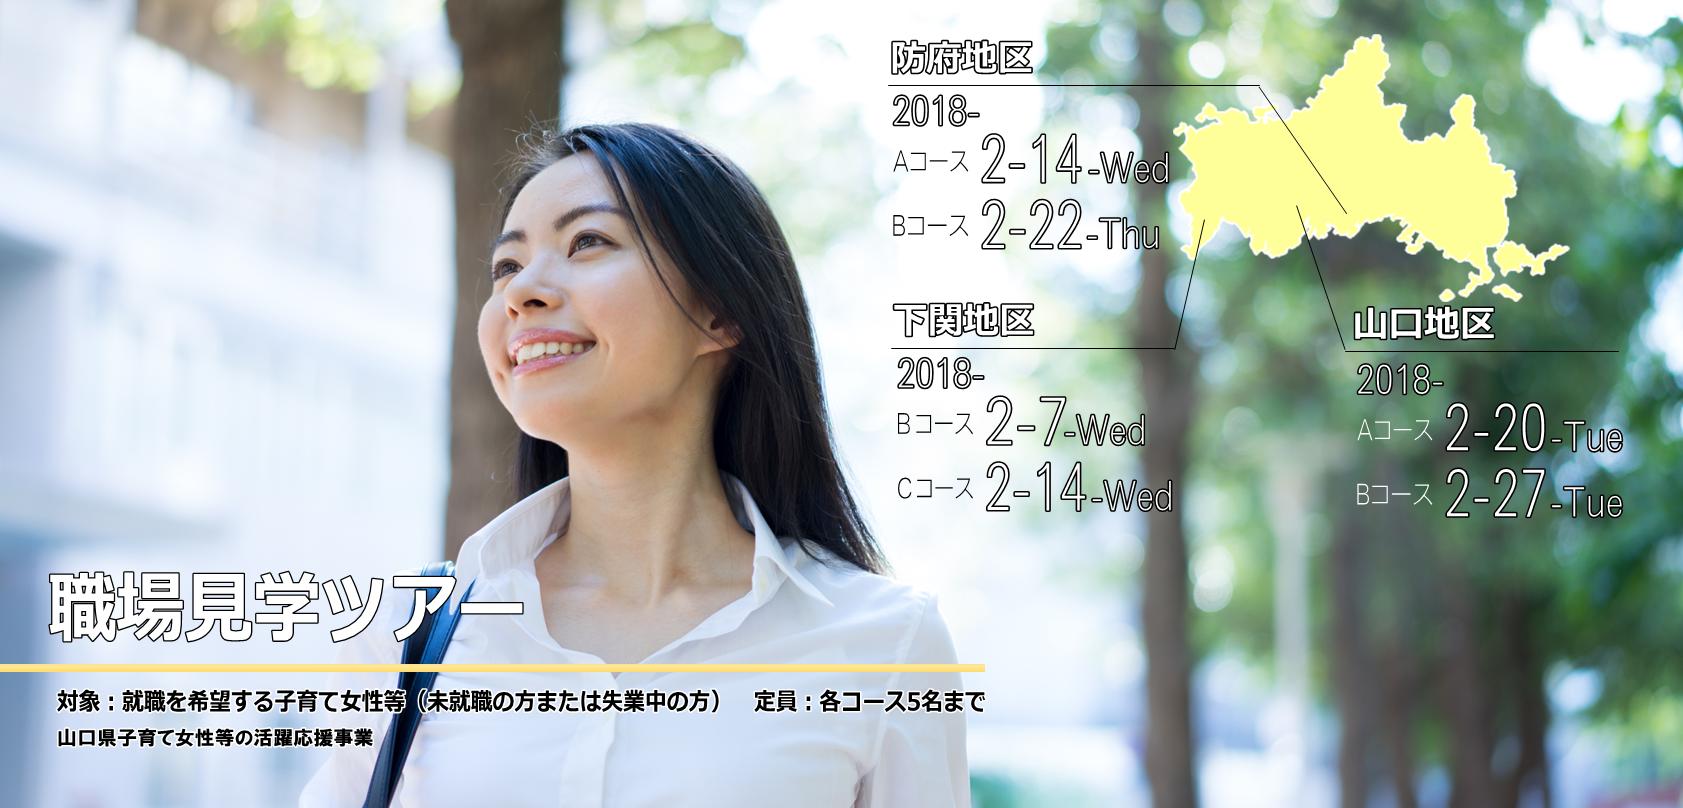 山口県子育て女性等の活躍応援事業】職場見学ツアー